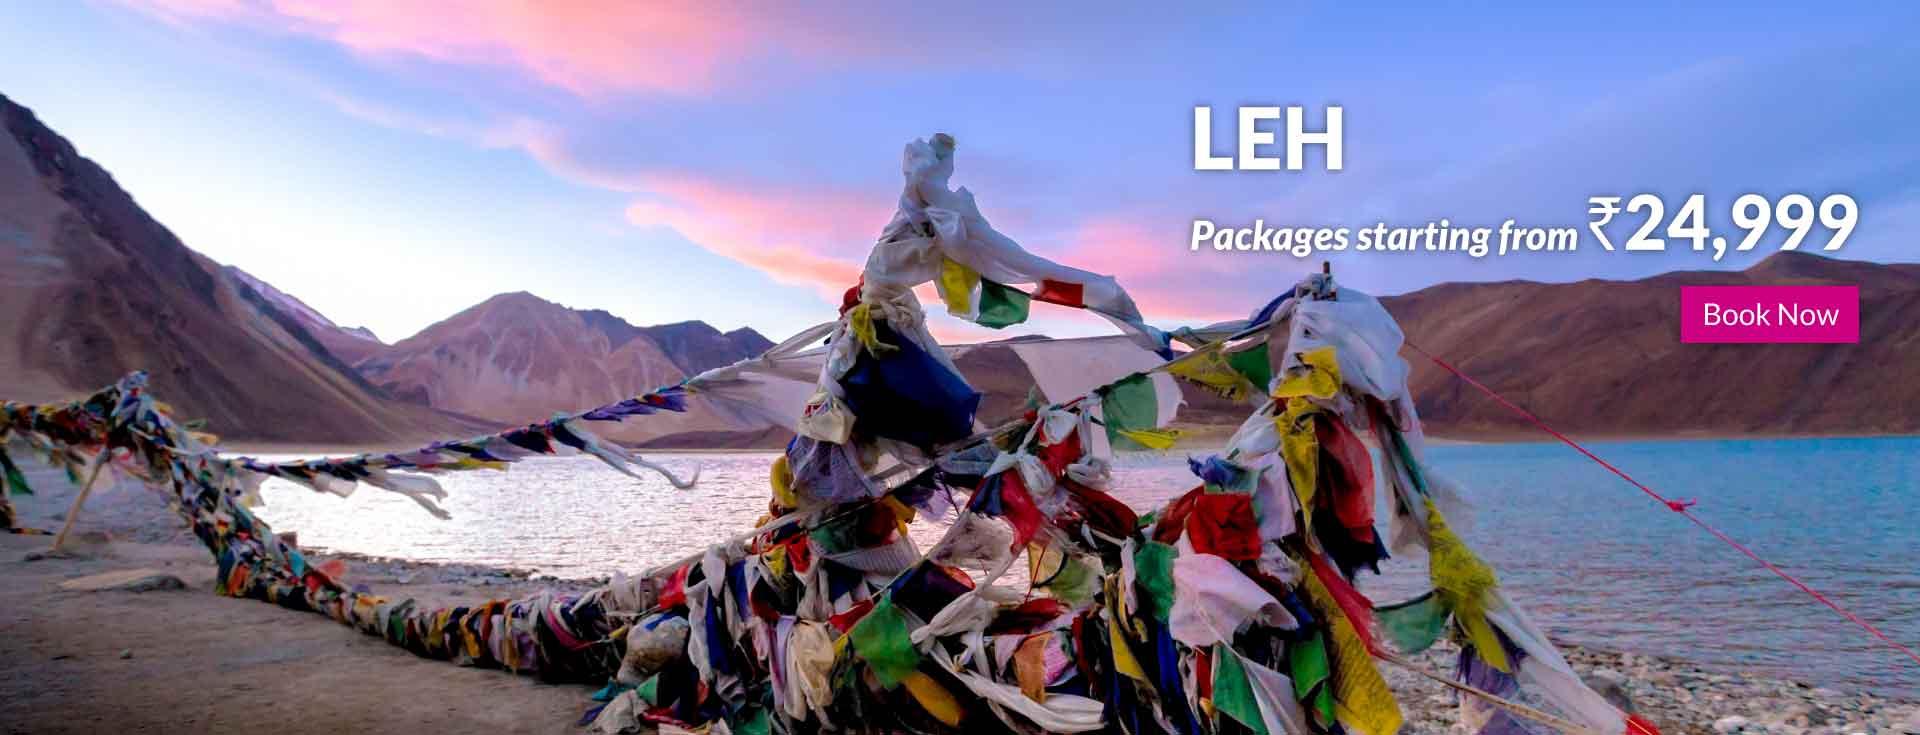 Leh Packages